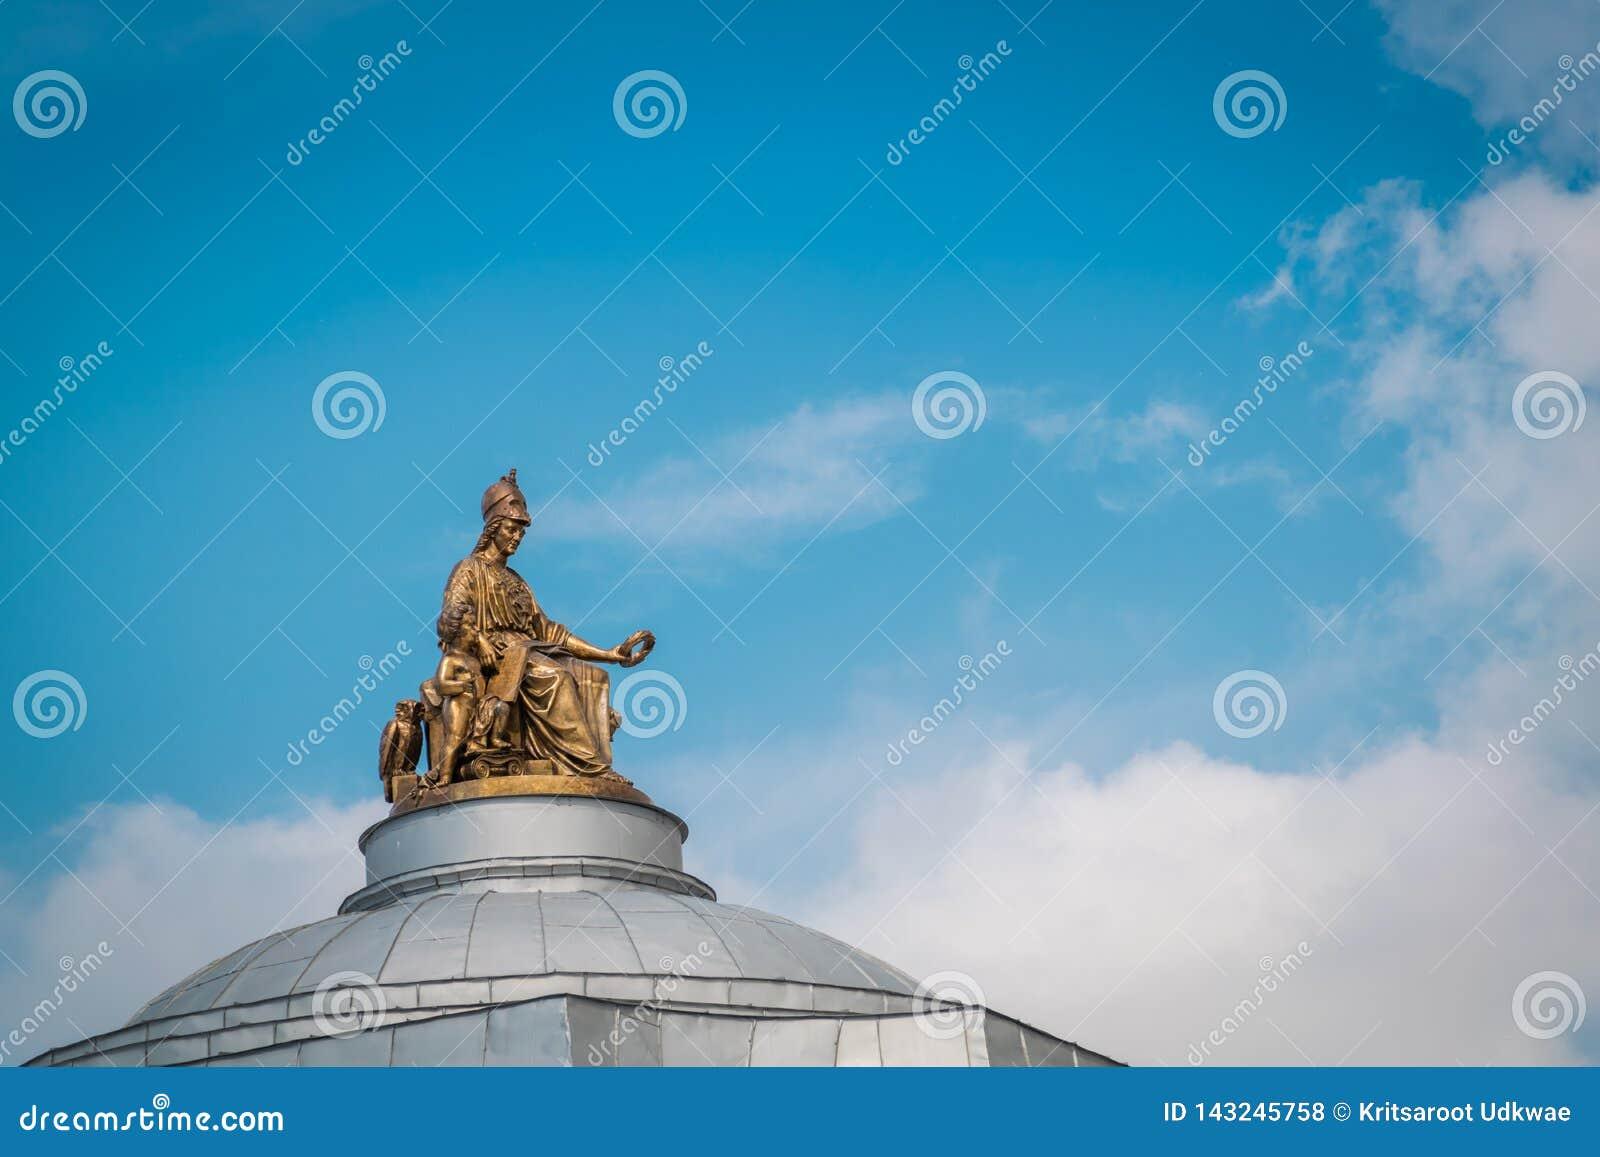 La statue d or sur le dessus de toit de l académie impériale des arts construisant dans le St Petersbourg, Russie